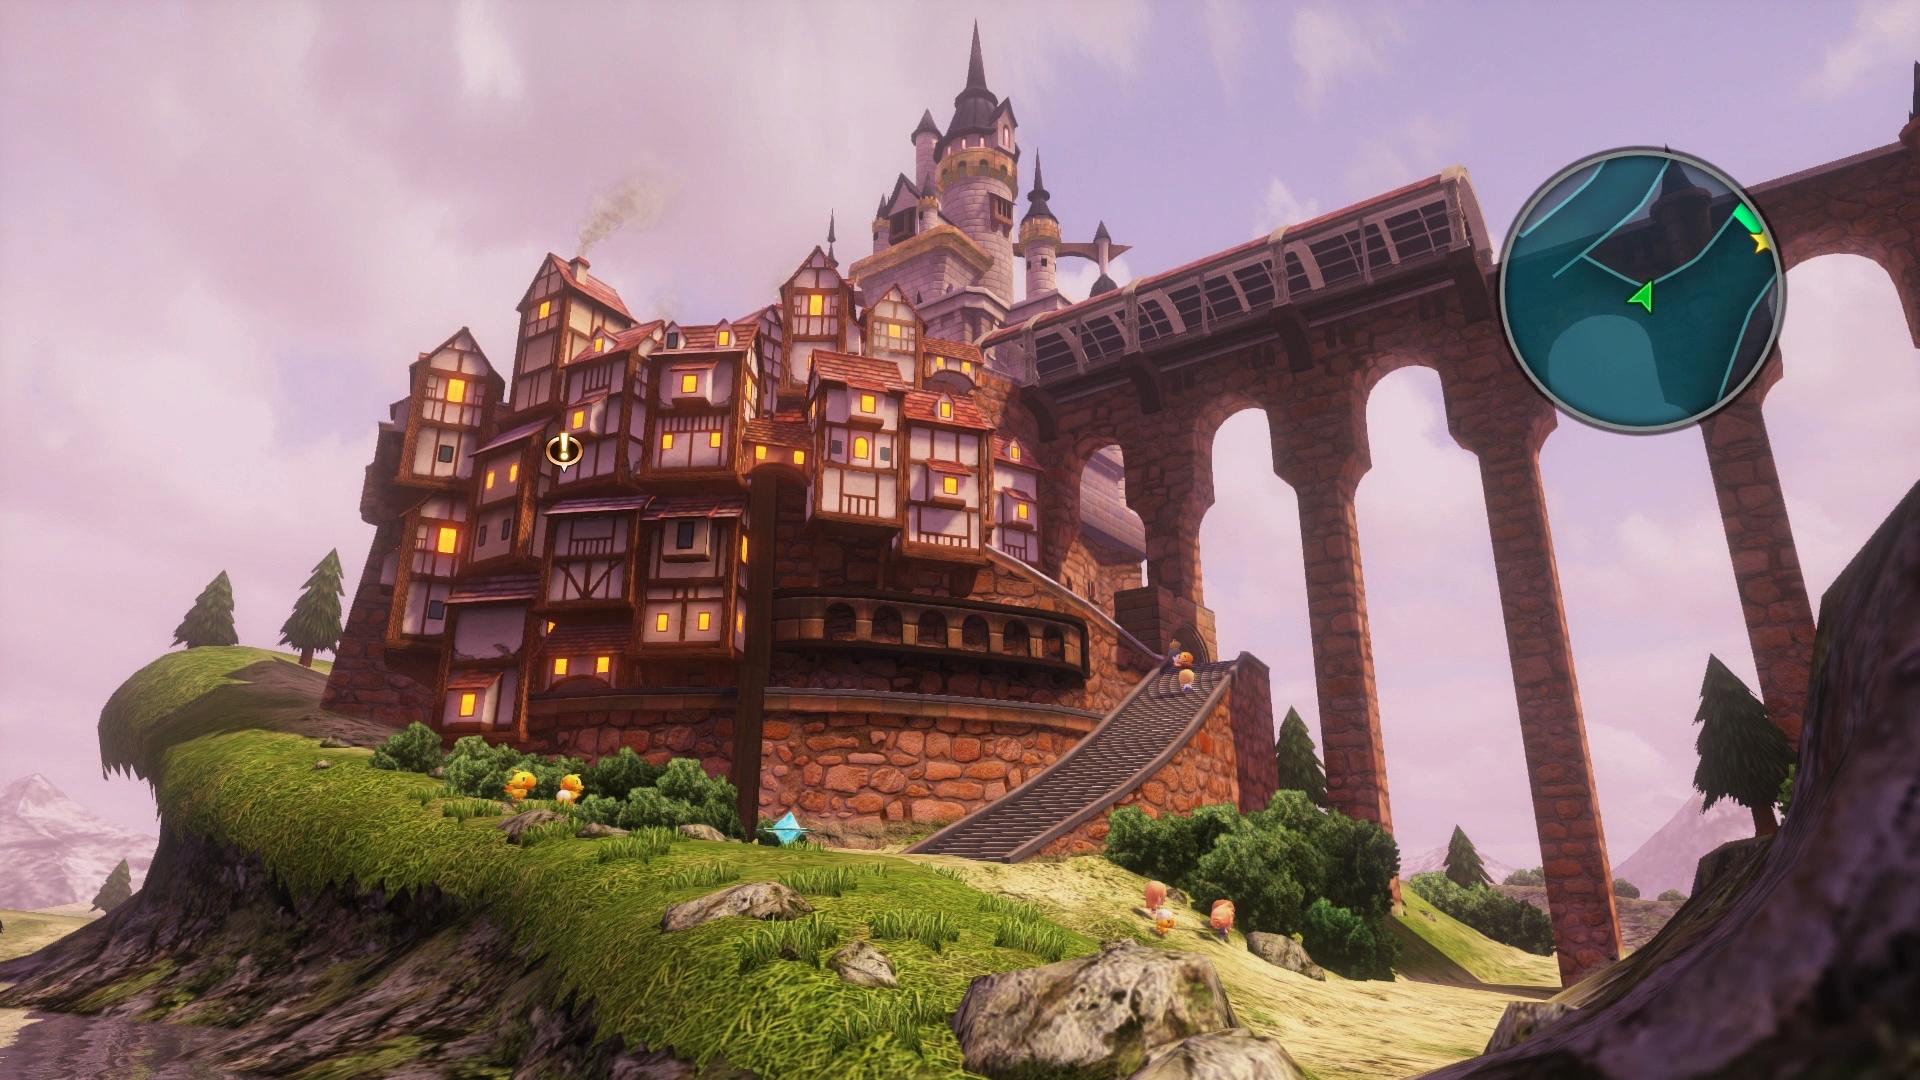 World of Final Fantasy vypadá na obrázcích pohádkově 130356